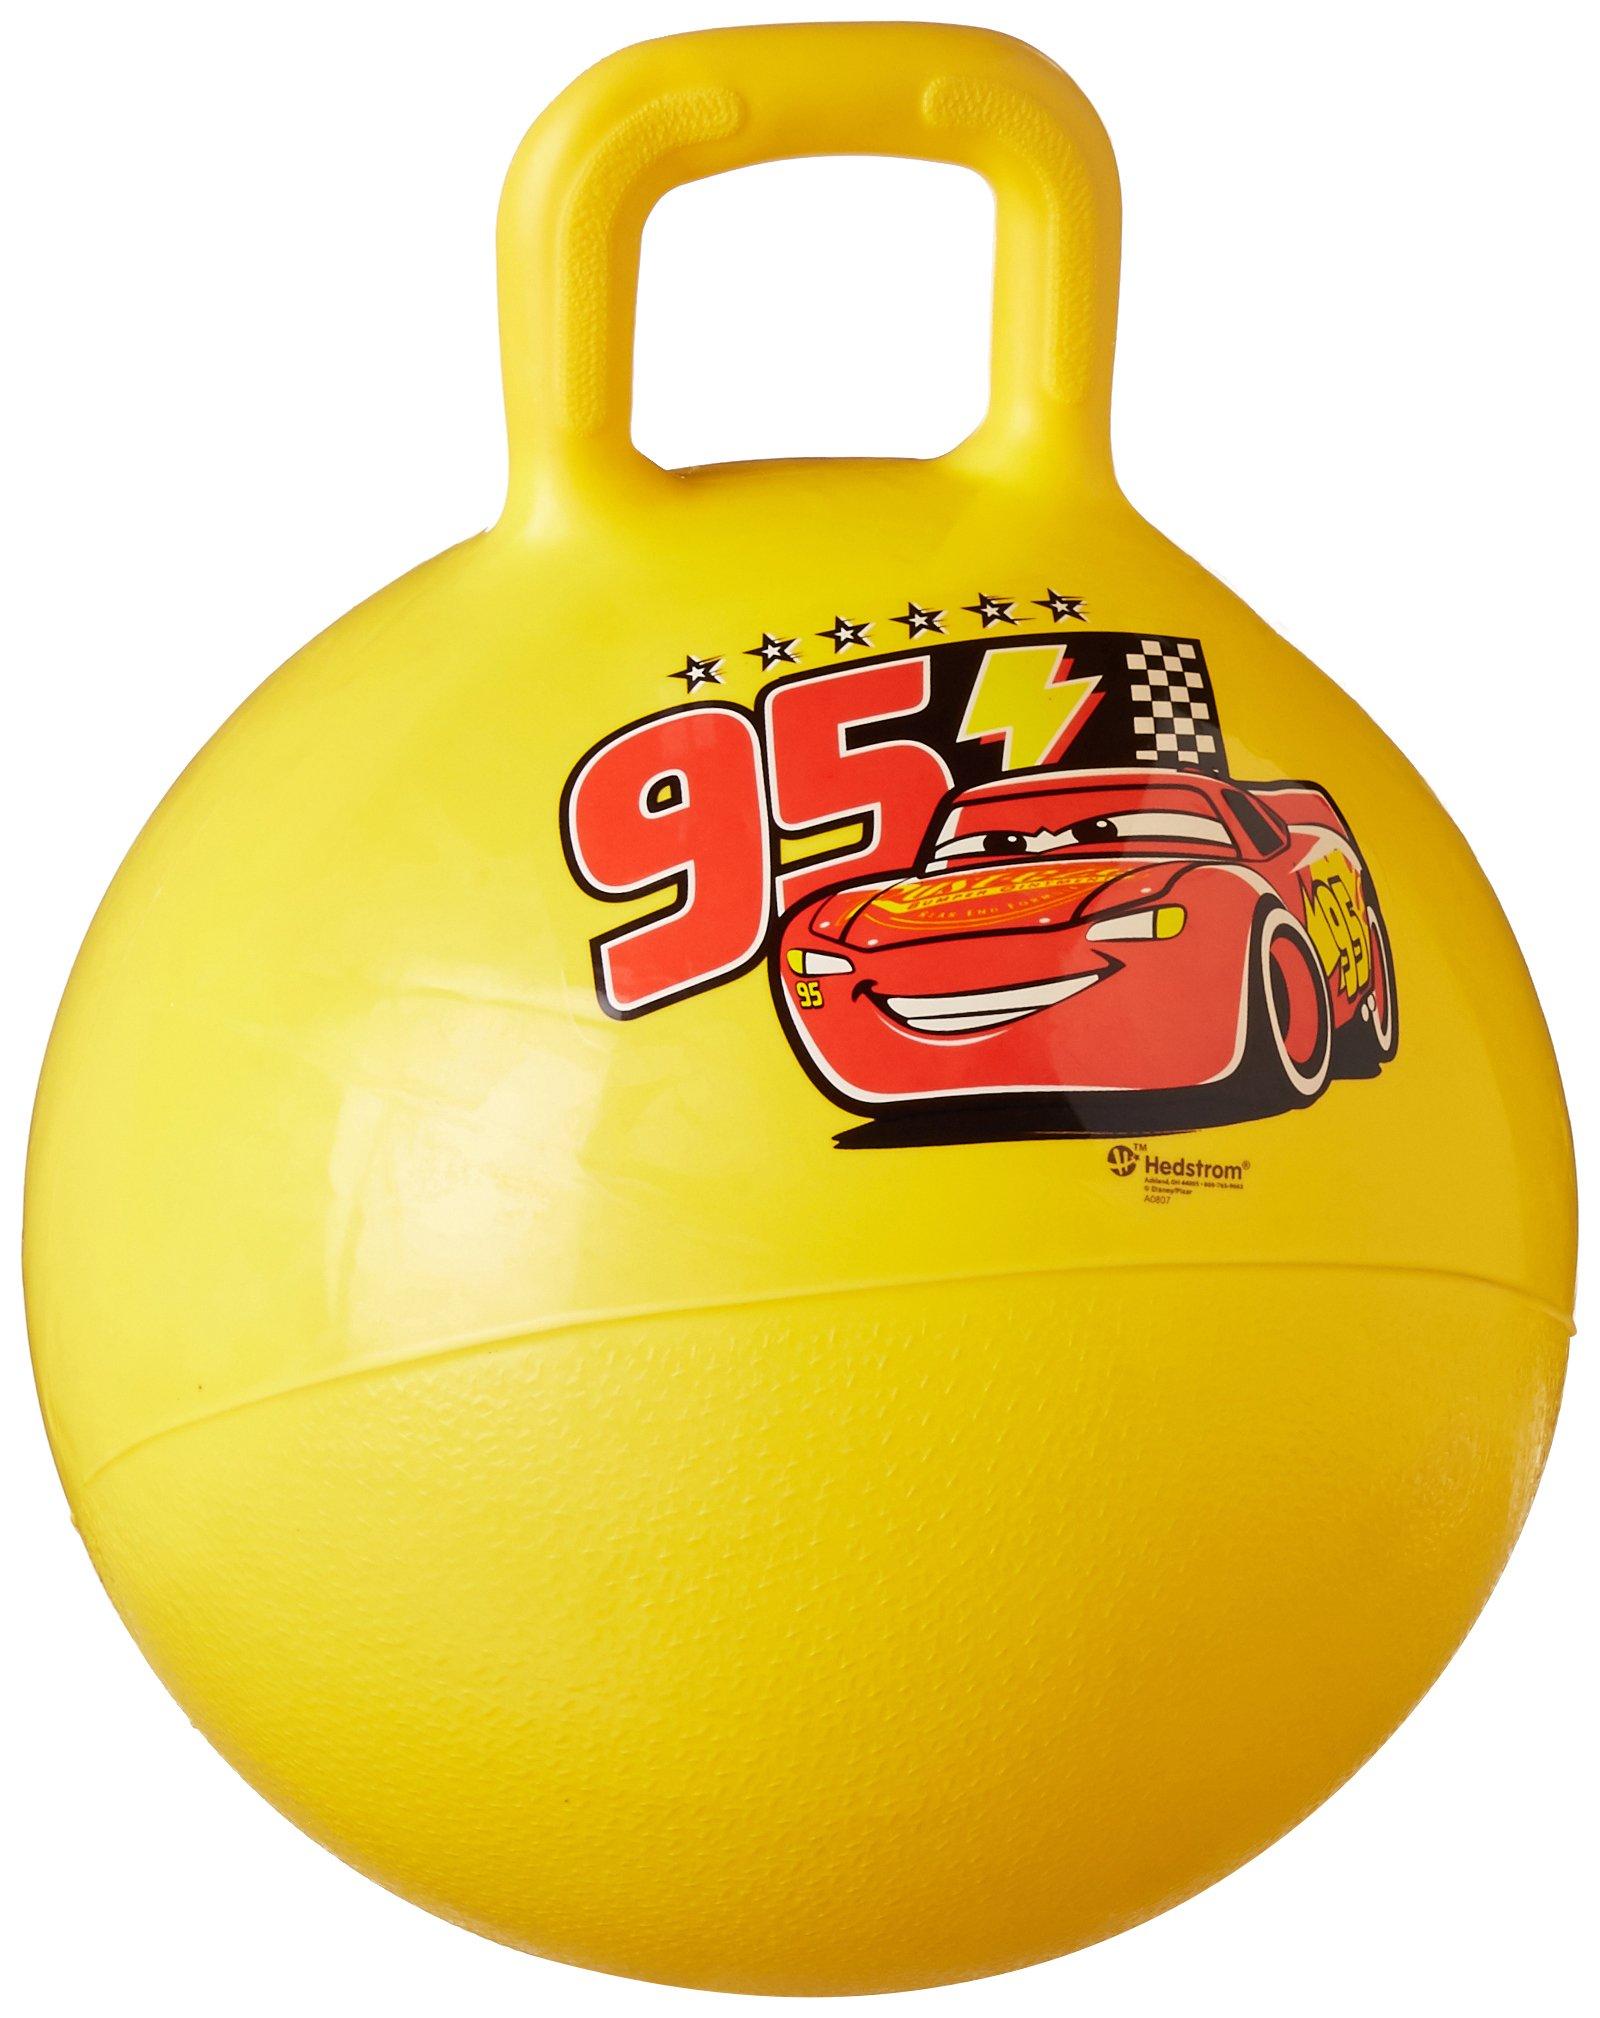 Disney Pixar Cars 15 in. yellow hopper